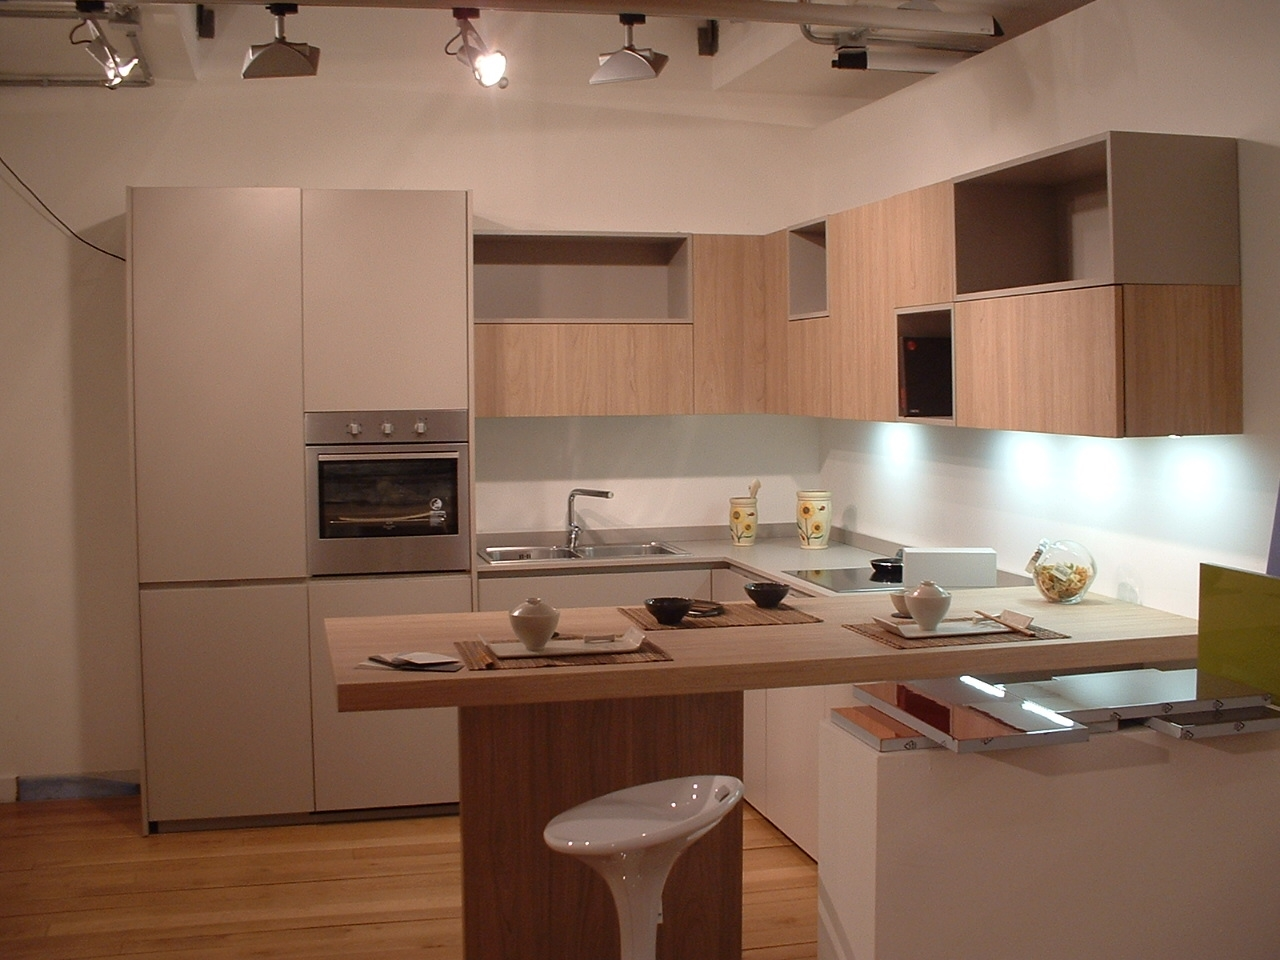 Mk cucine cucina glam scontato del 65 cucine a prezzi for Cucine componibili ad angolo prezzi